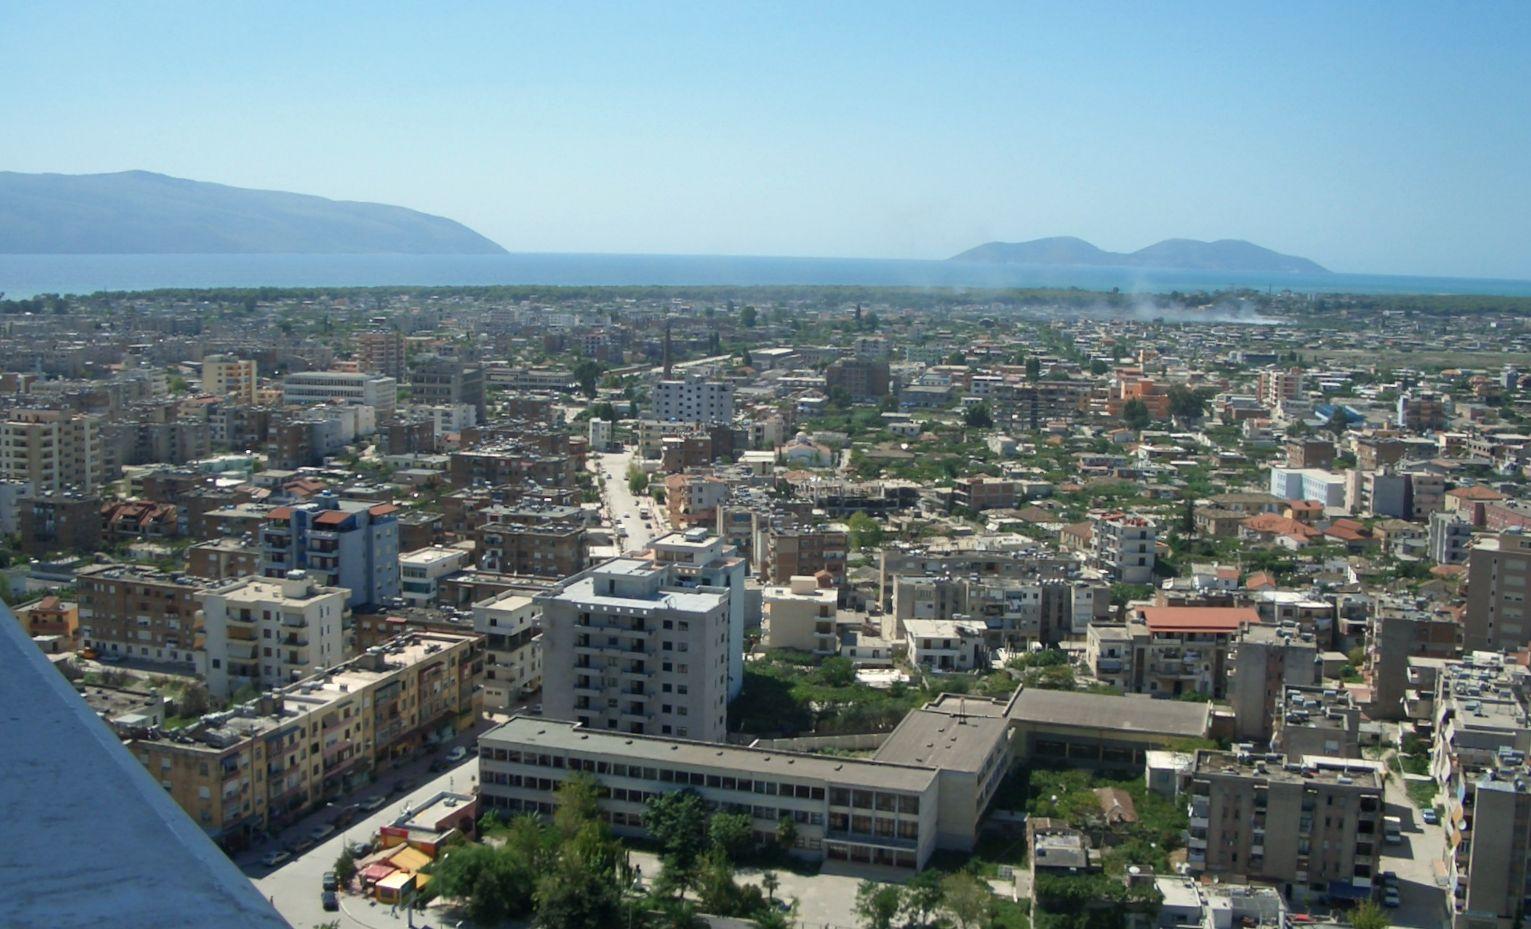 Vlora Albania  city photos gallery : VON VLORA AUS GESEHn